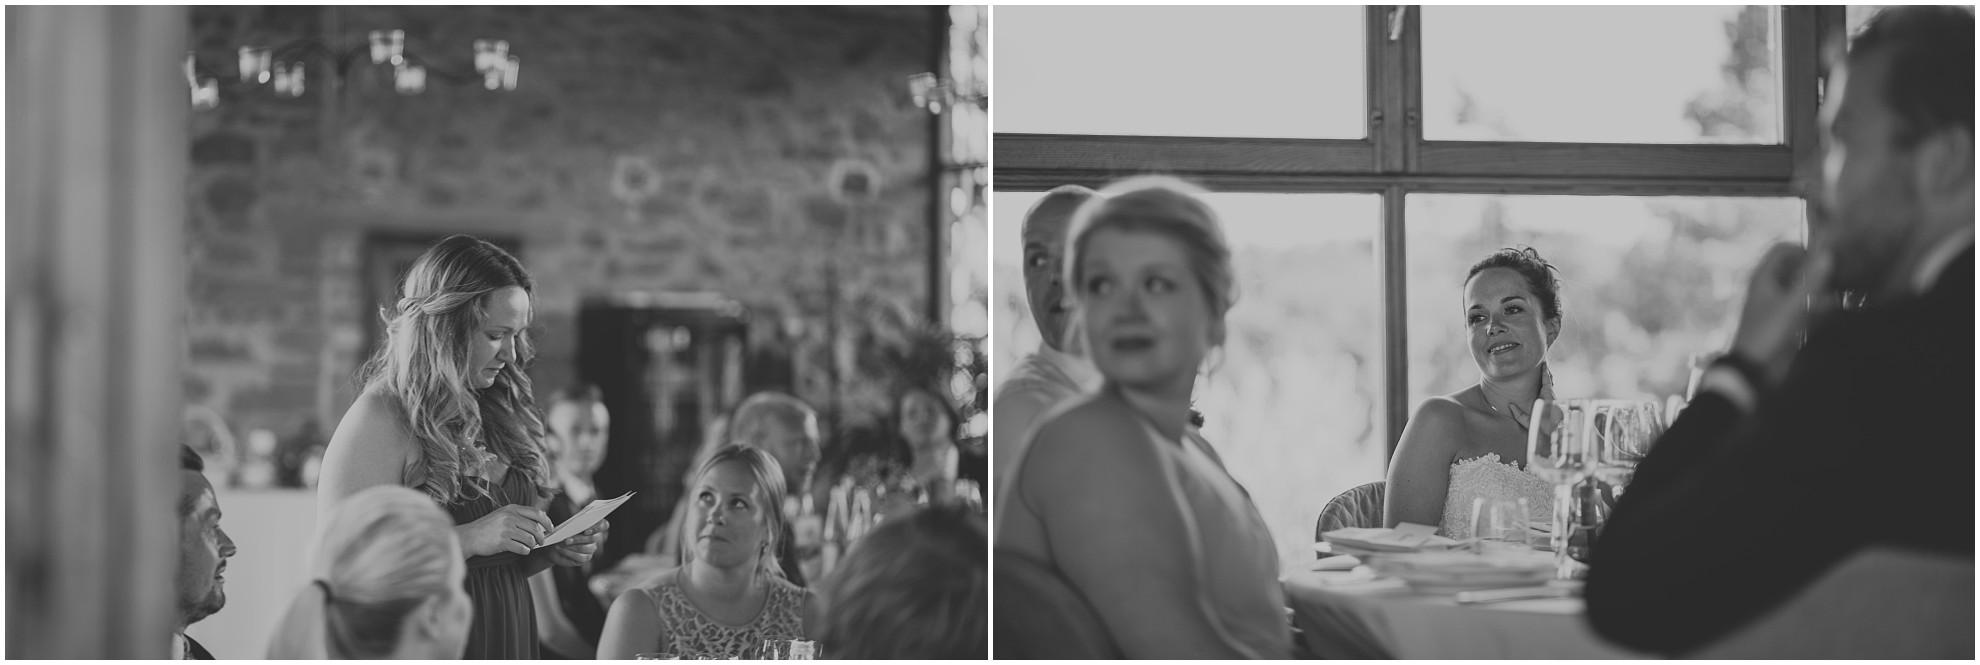 tuscany-wedding-photographer-080